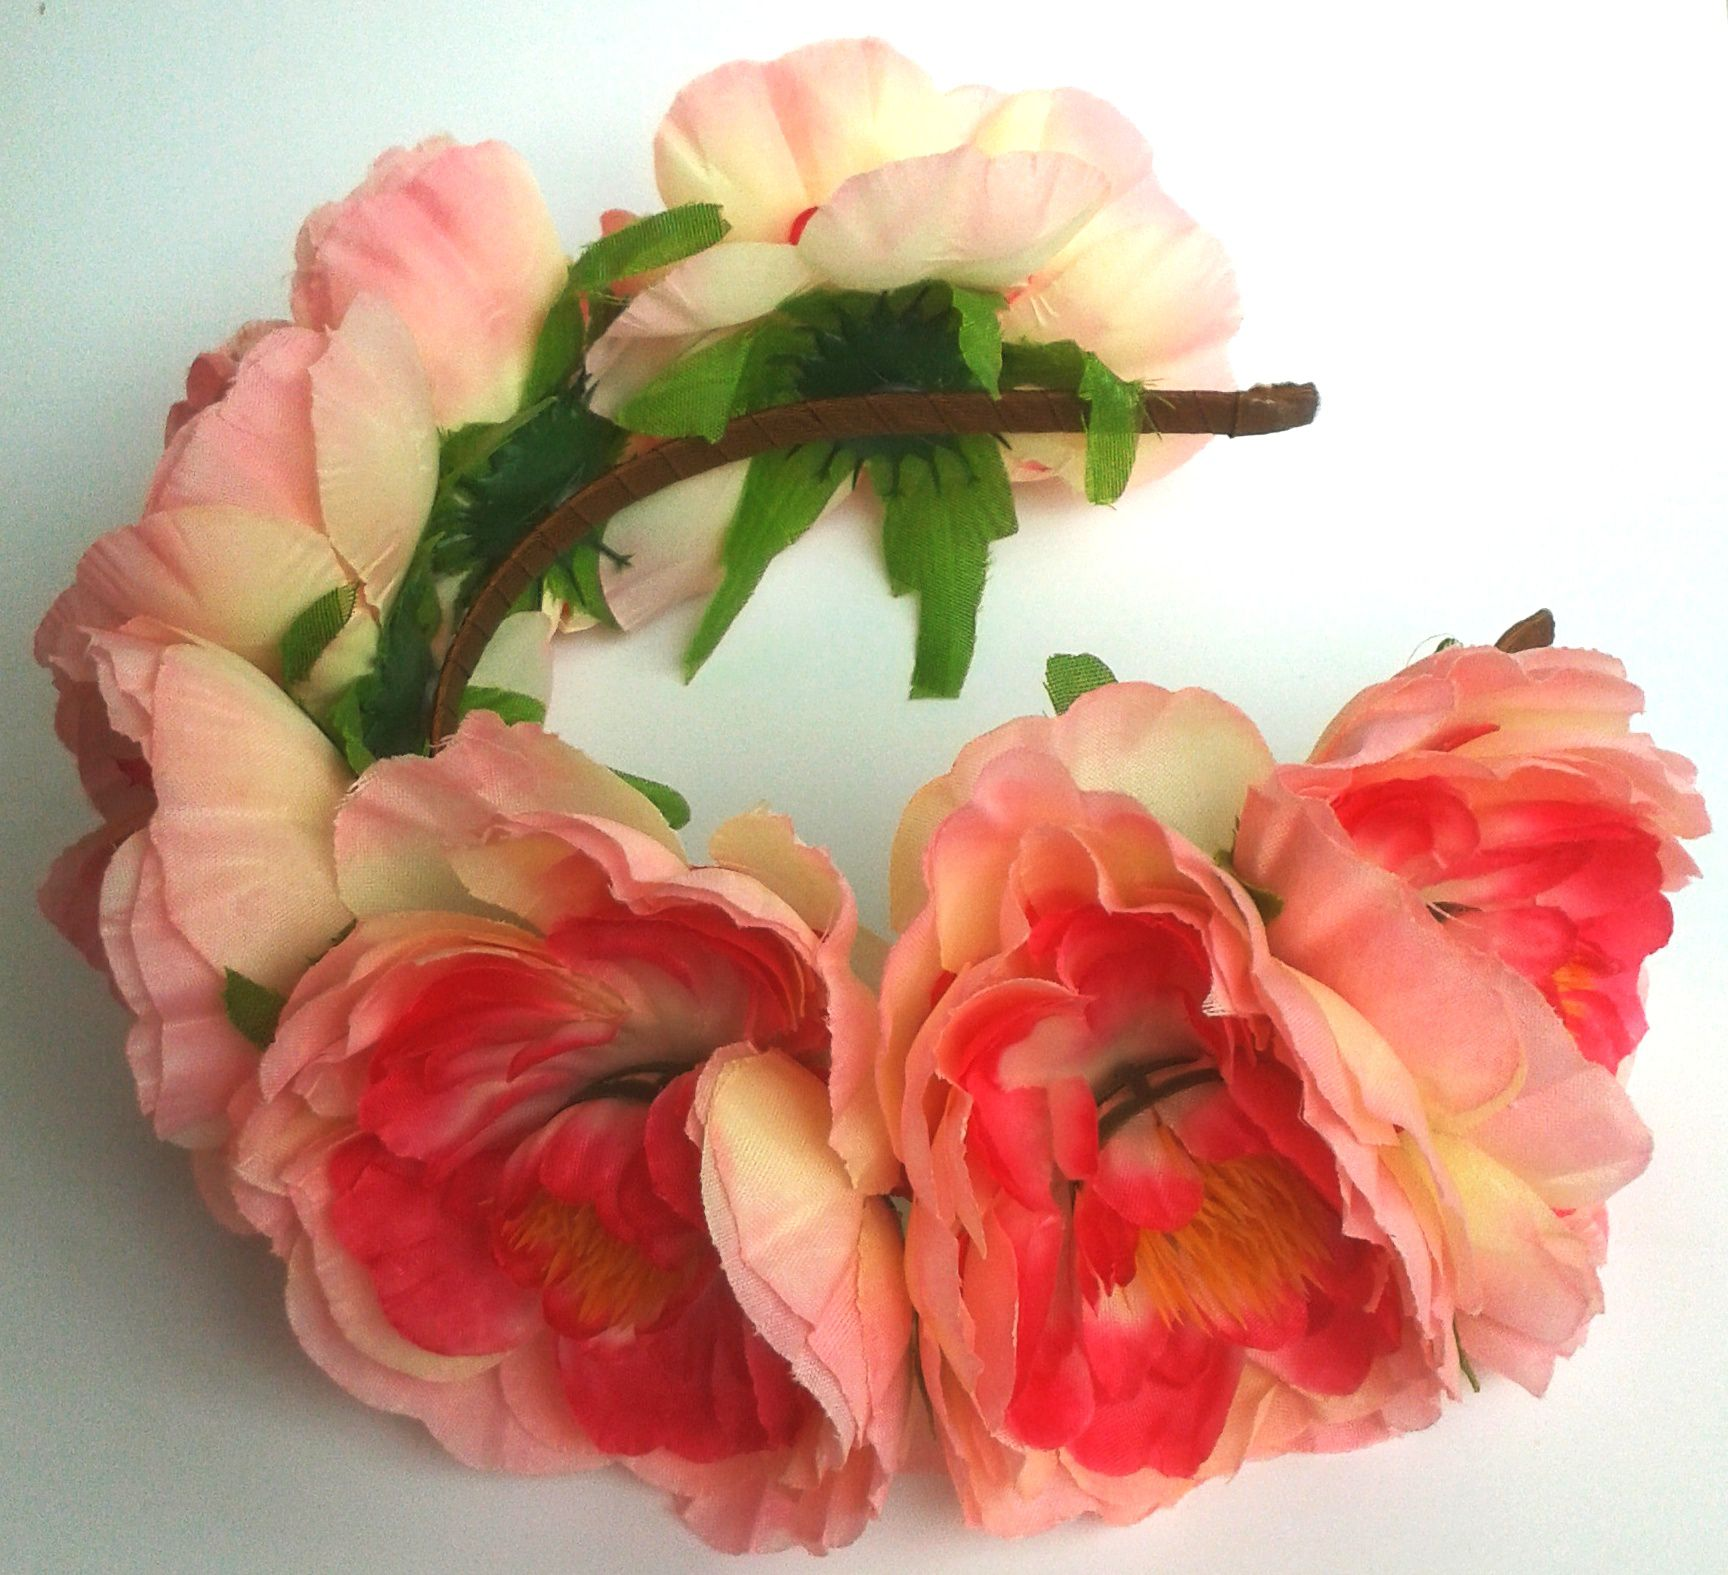 Искусственные цветы своими руками, фото мастер классы 88